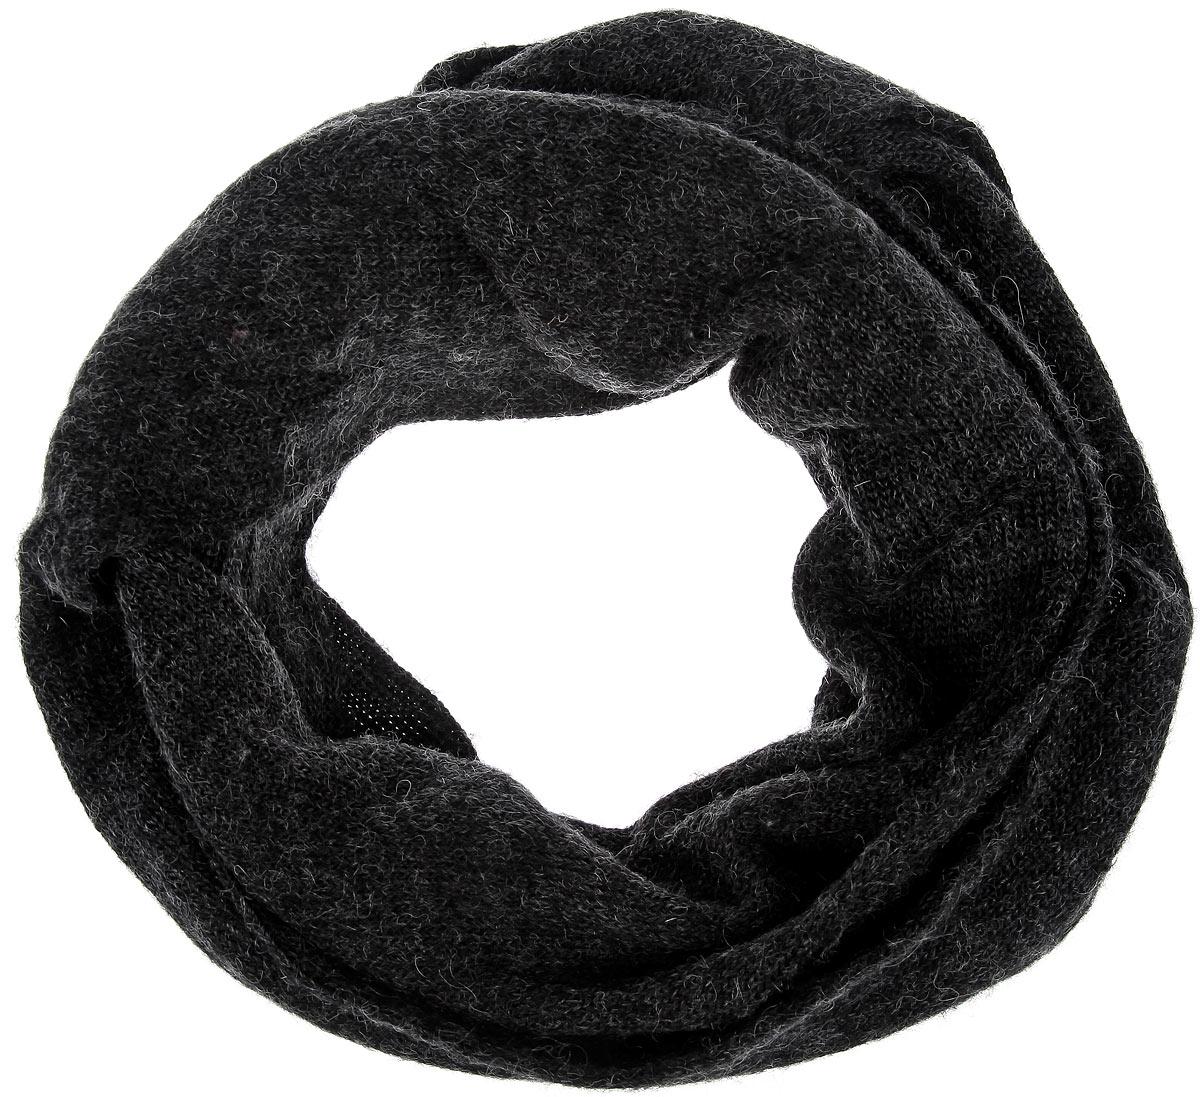 Шарф-хомут Sun Valley. 120-4993120-4993Шарф-хомут Goorin Brothers Sun Valley невероятно мягкий и приятный на ощупь. Casual стиль шарфа отлично подойдет к вашему гардеробу - носите его с пальто, паркой или курткой. Практичный, удобный и очень теплый аксессуар на каждый день.